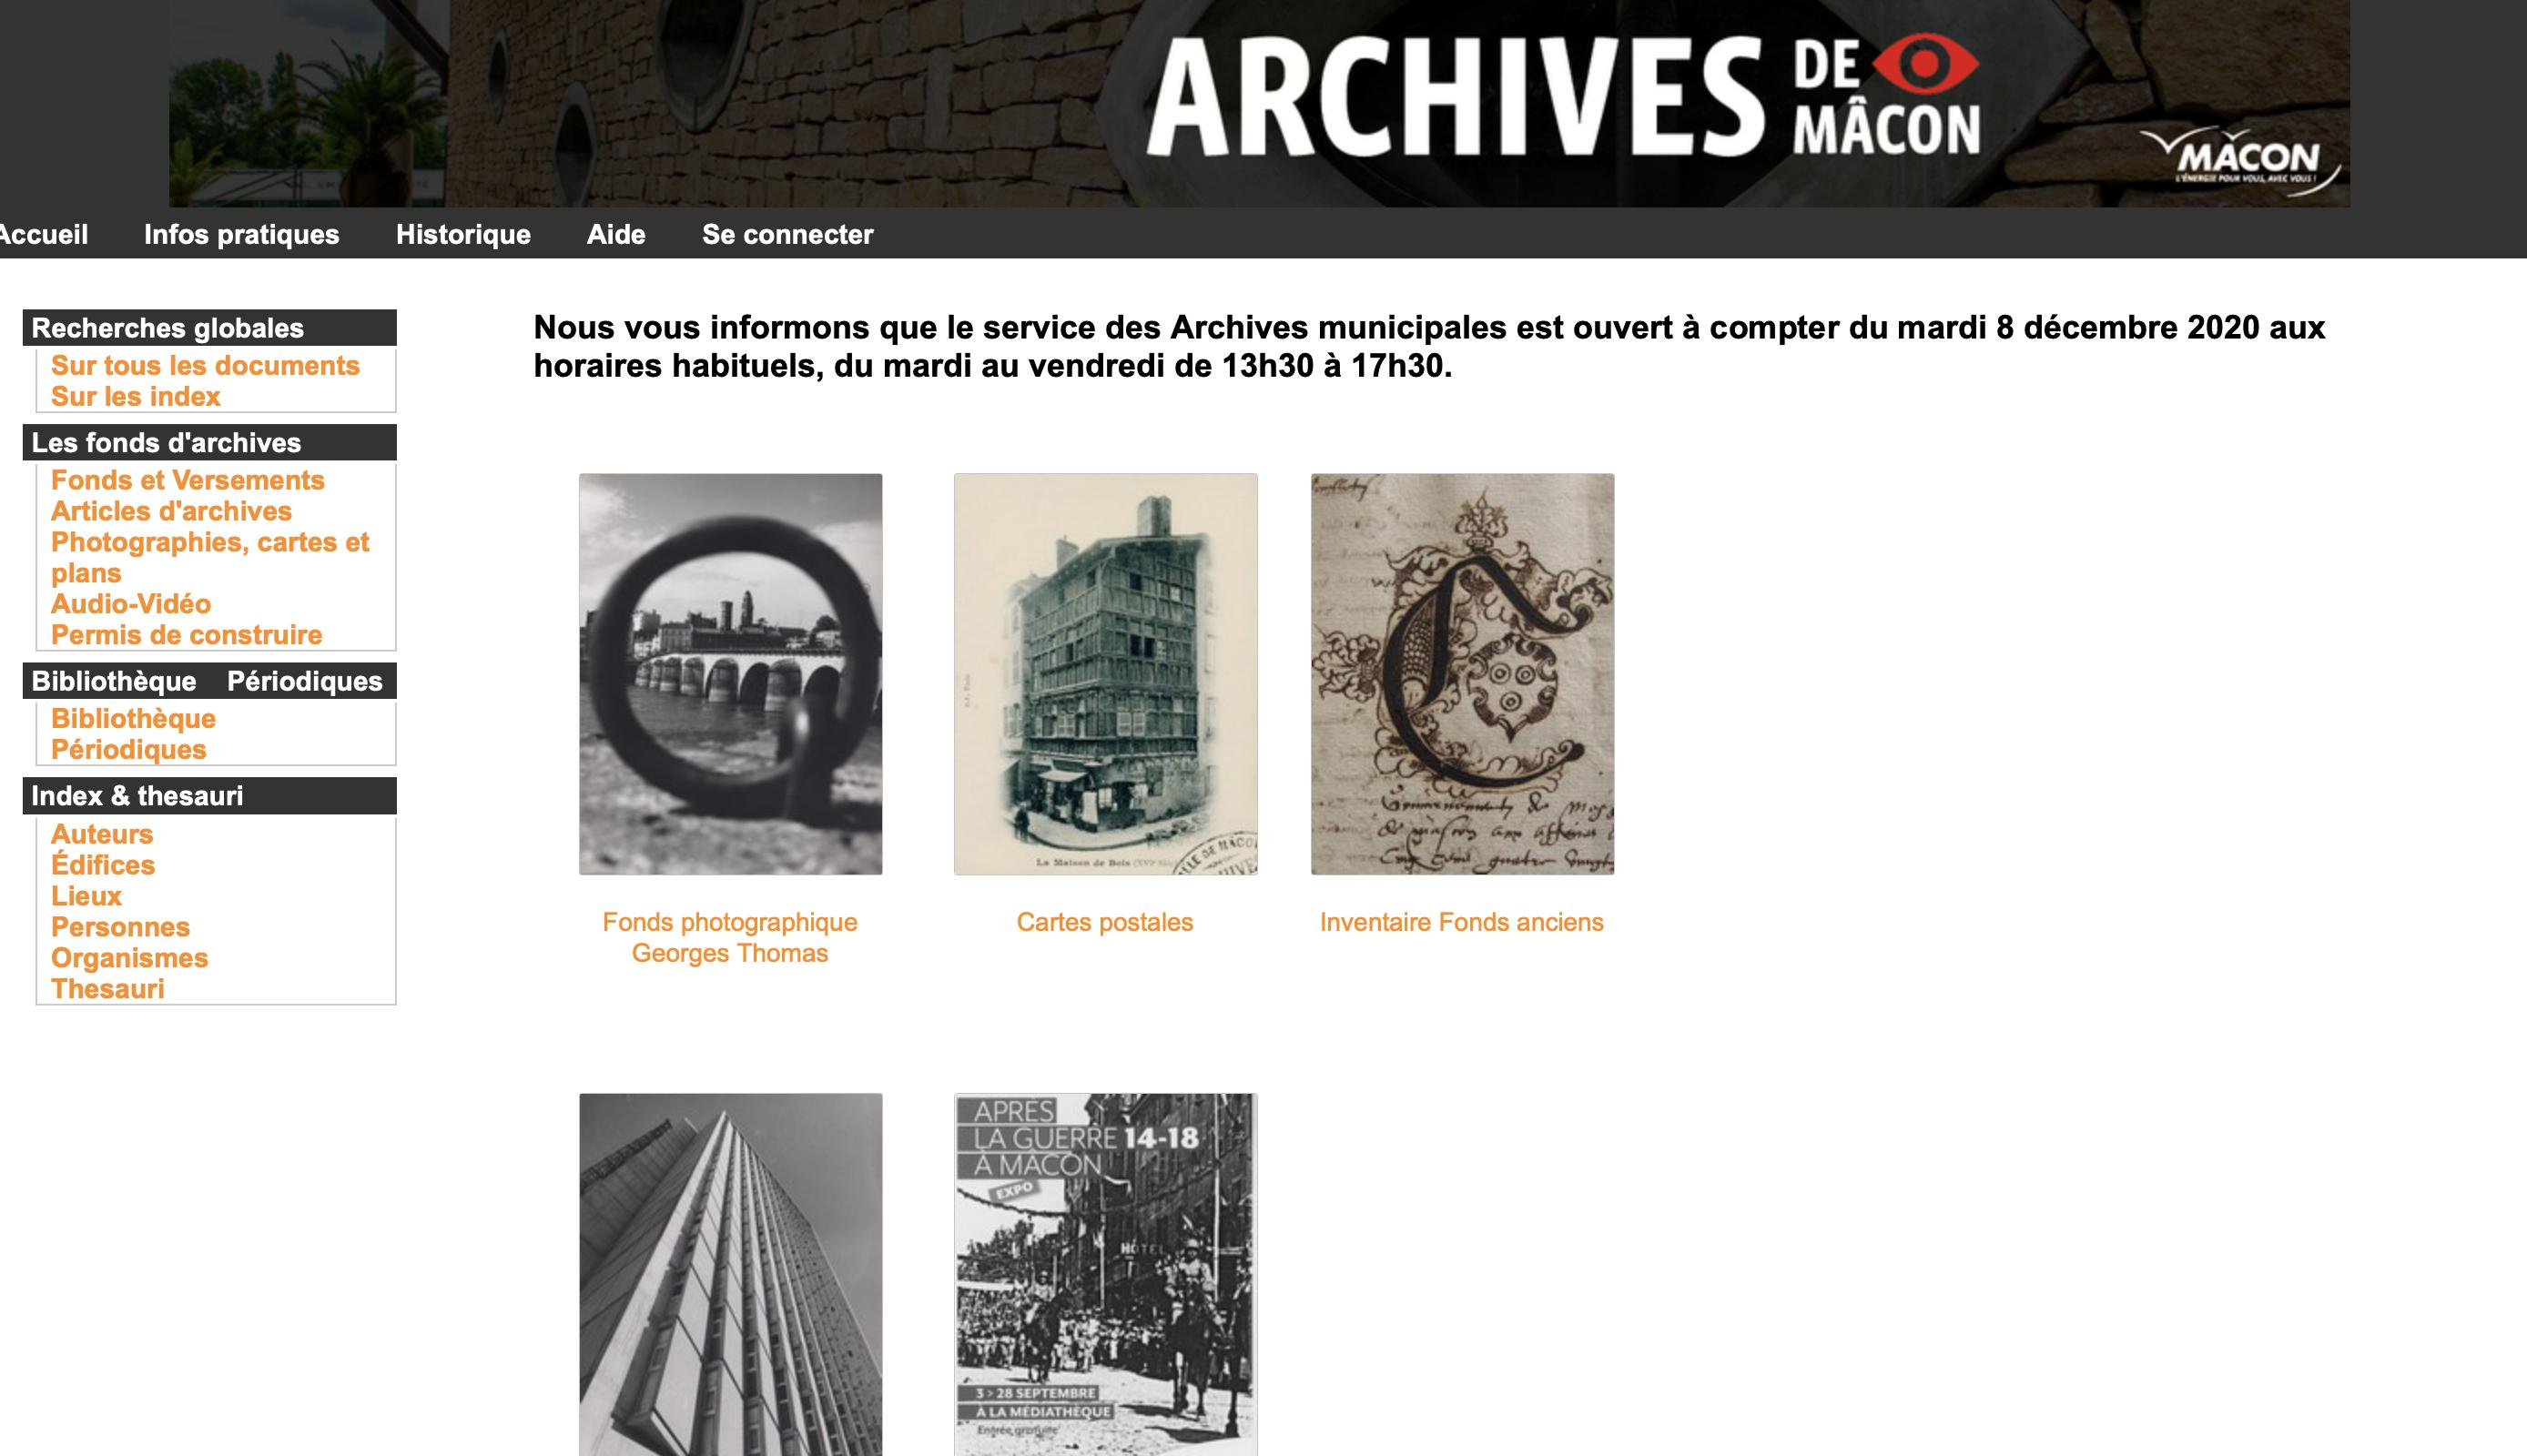 Archives municipales de Mâcon